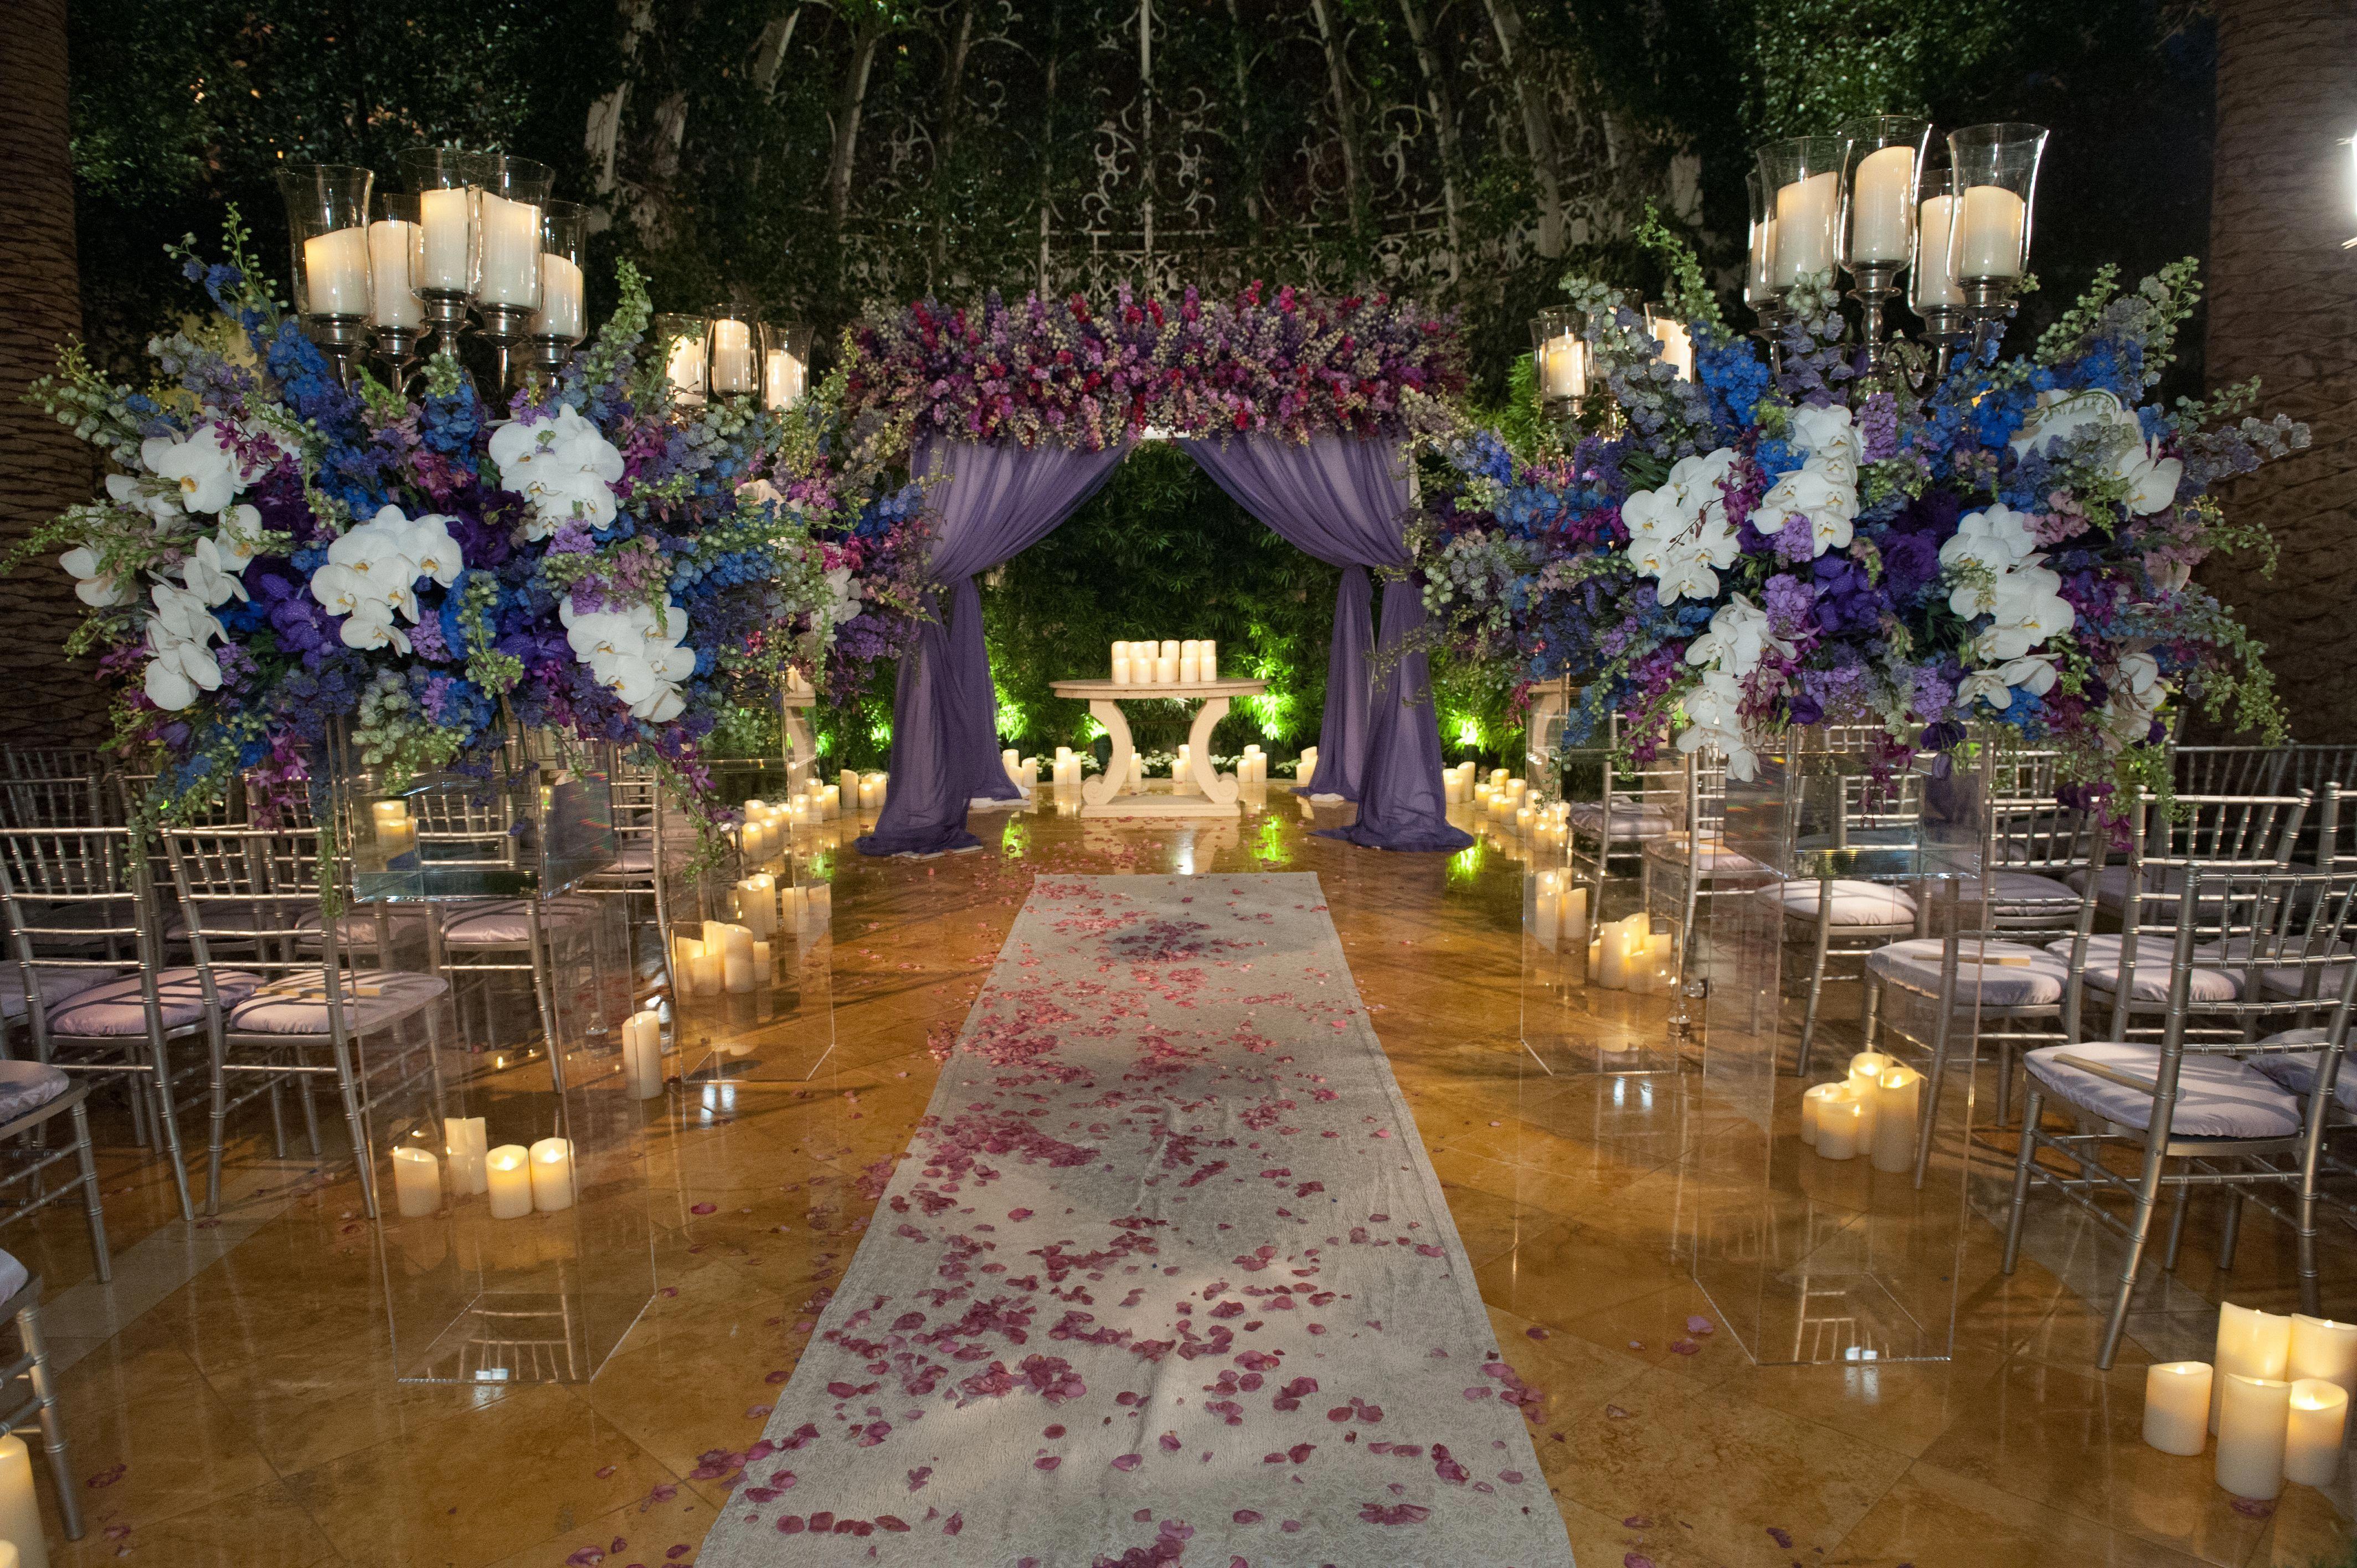 Luxuriously romantic at Wynn Las Vegas lasVegas Vegas